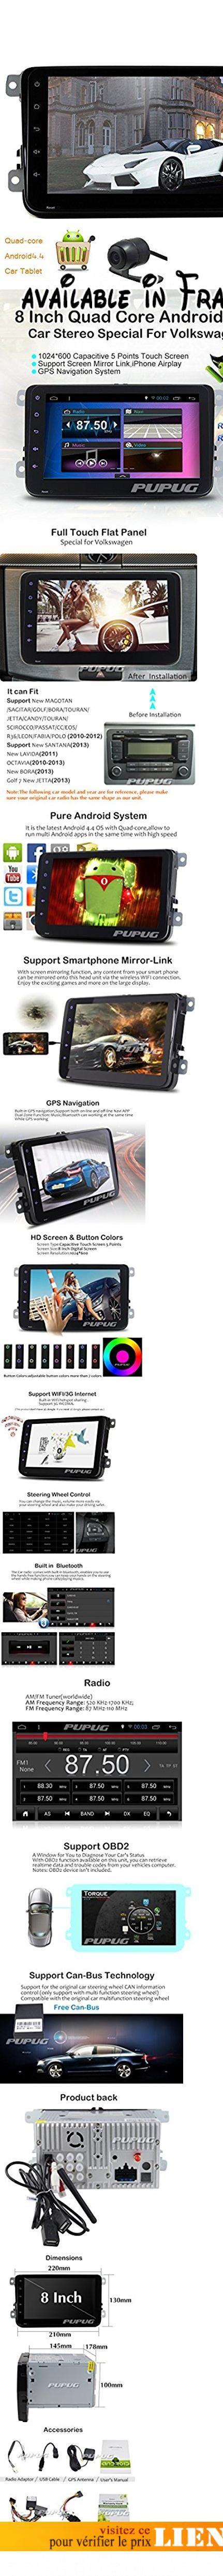 HD cam¨¦ra de recul de 8 pouces 1024 * 600 Quad-core Android4.4 Lollipop Autoradio Double Din Car Stereo avec Autoradio Bluetooth pour Golf Jetta Passat Scirocco Caddy No-lecteur DVD de voiture soutenir Navigation GPS Bluetooth 3G WIFI CAM-IN OBD2 1080P Canbus 2 din Headunit. CamšŠra HD šŠtanche inclure dans la stšŠršŠo, soit la sšŠcuritšŠ lorsque parking.1024 * 600 Android4.4 Lollipop Quad Core 1.6GHz, RAM: 1 Go, ROM: sortie 16GB, Audio: 4 * 50W max, vous pouvez